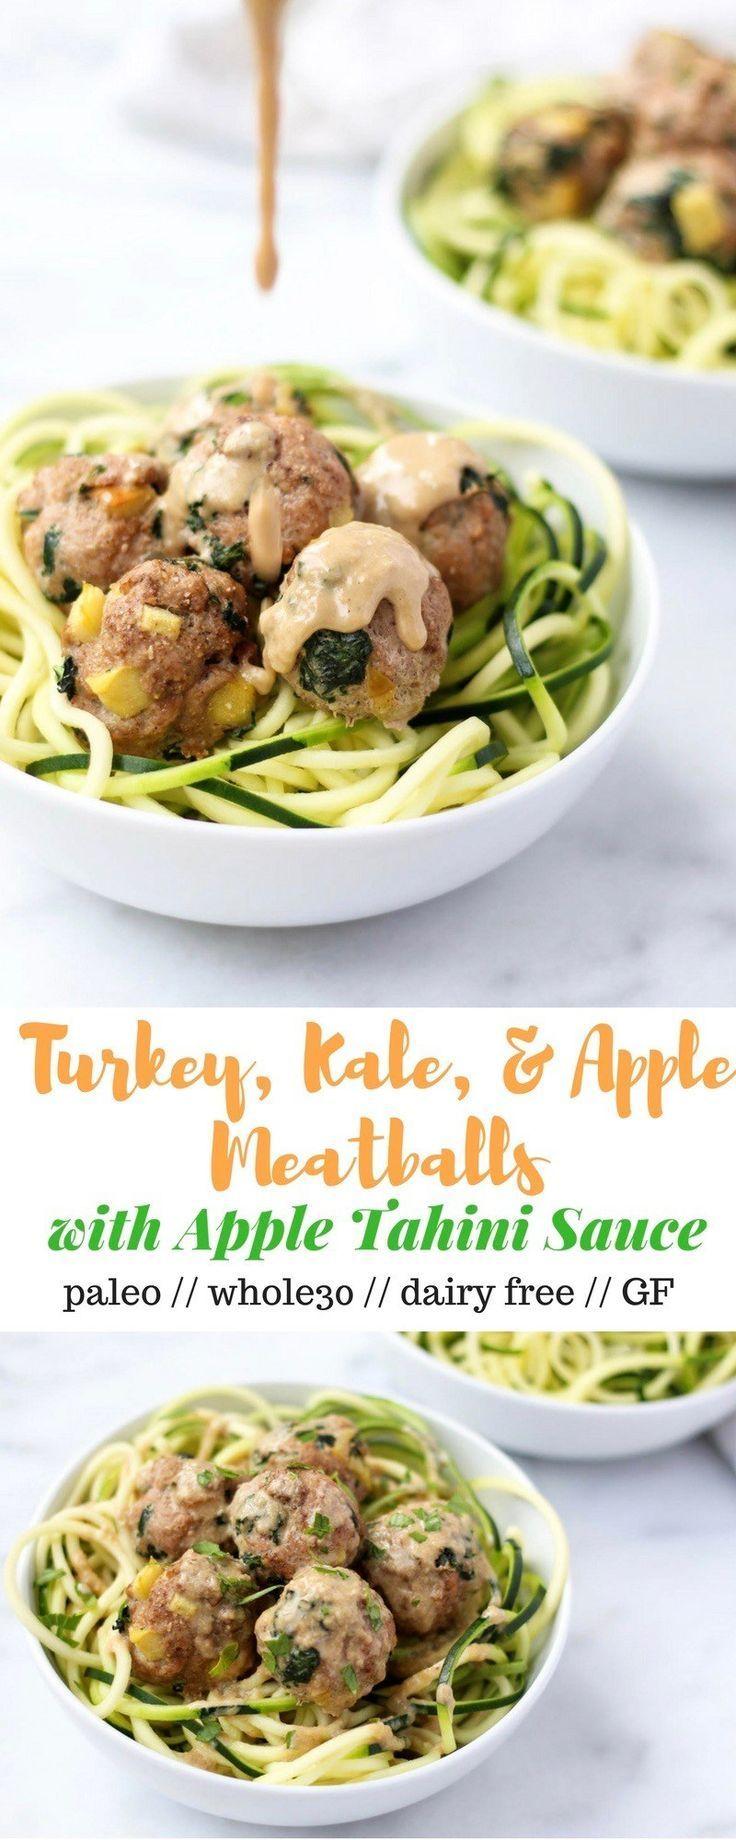 Turkey, Kale, & Apple Meatballs with Apple Tahini Sauce #applerecipes